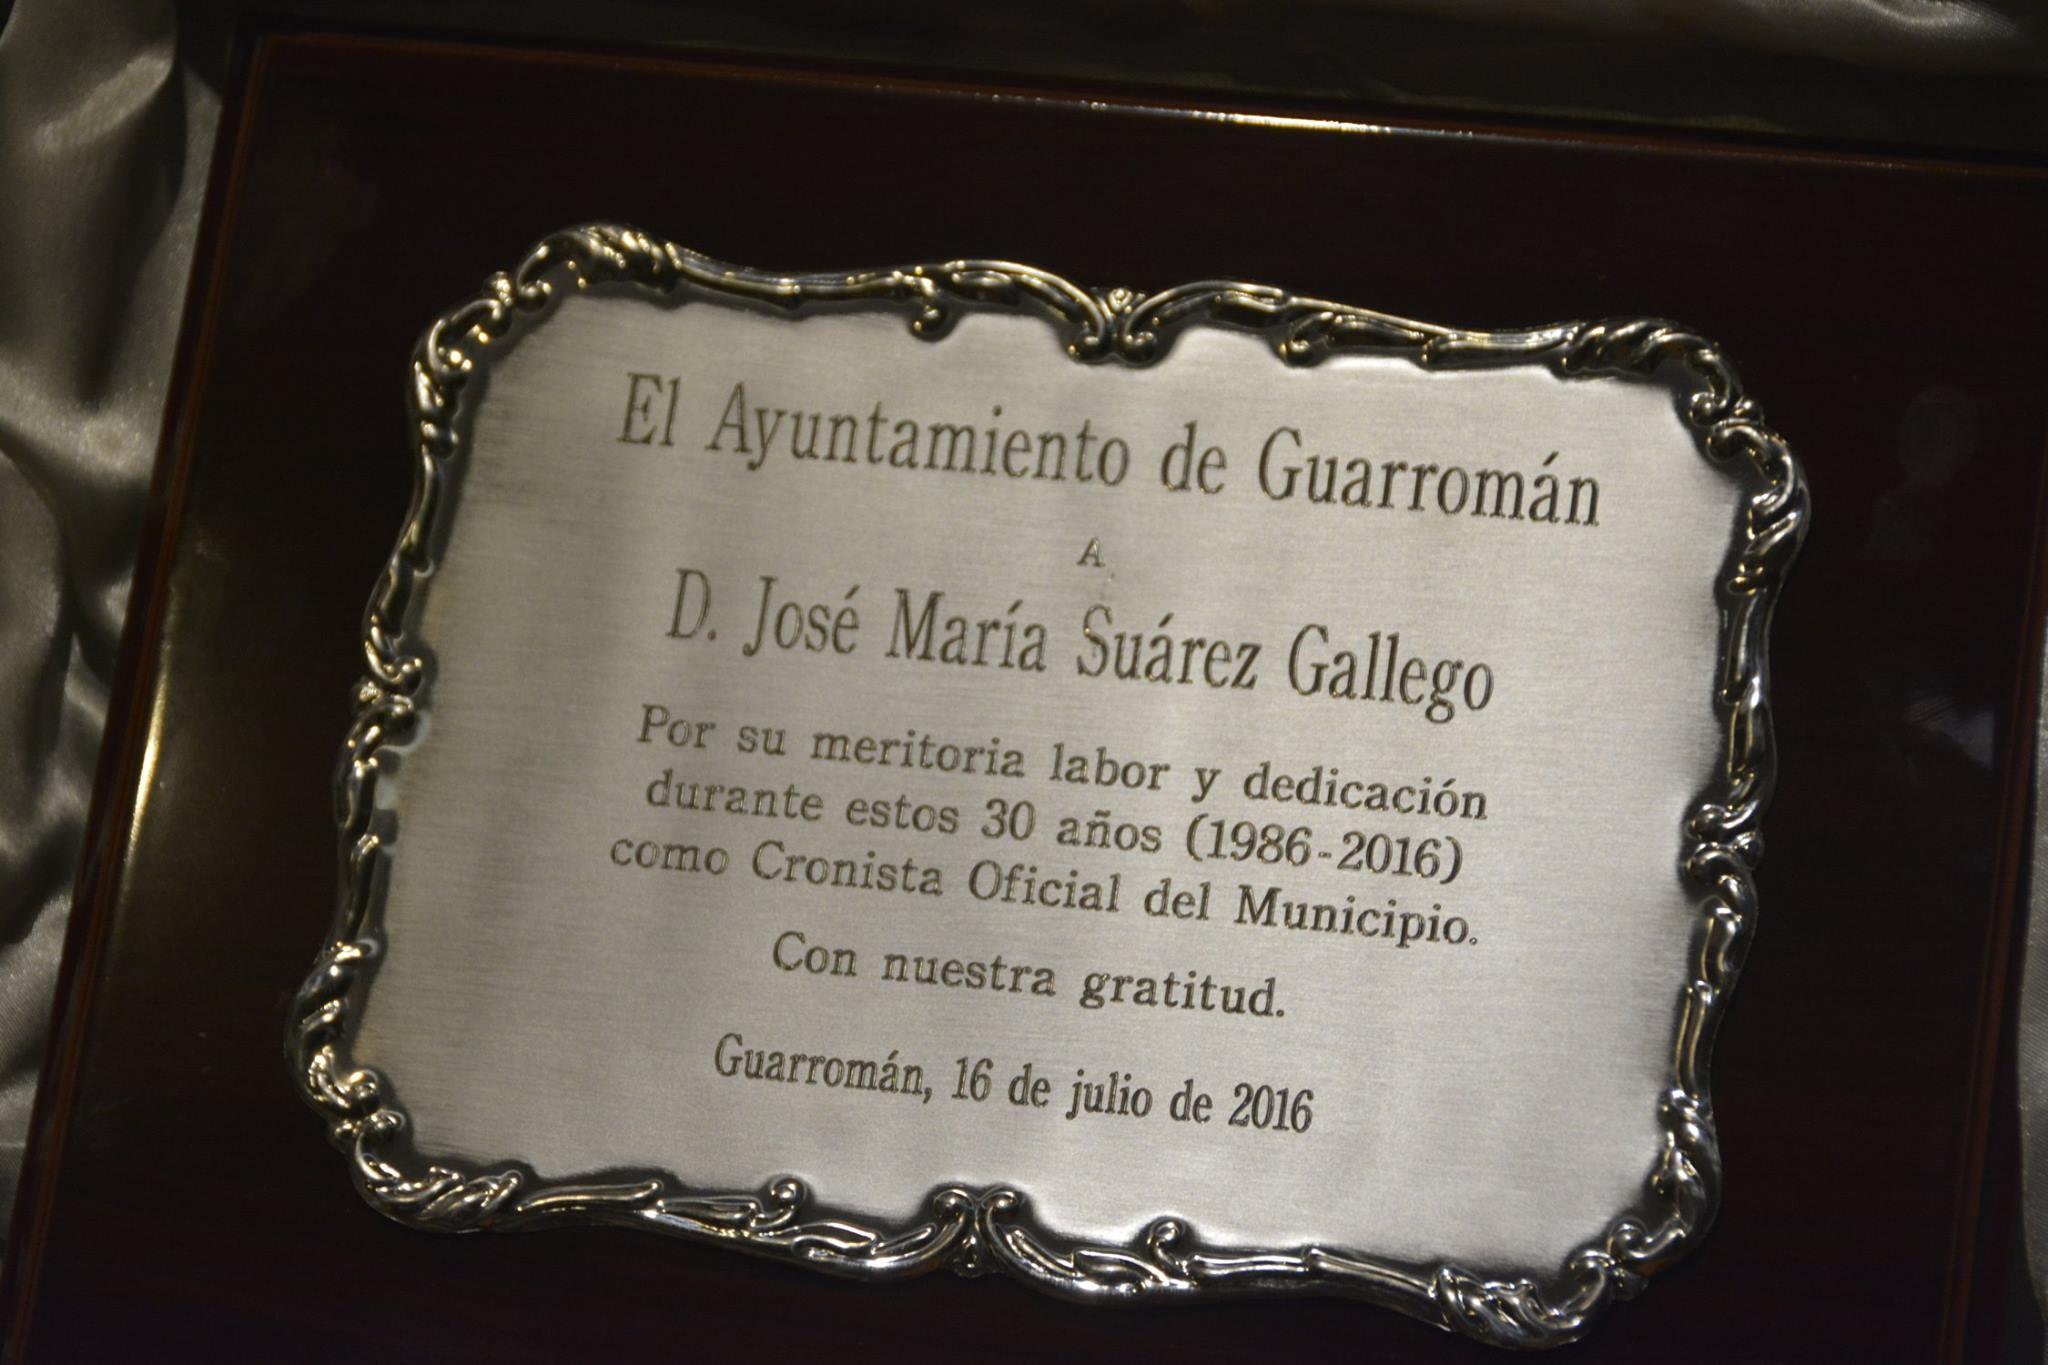 placa-entregada-a-jose-maria-suarez-gallego